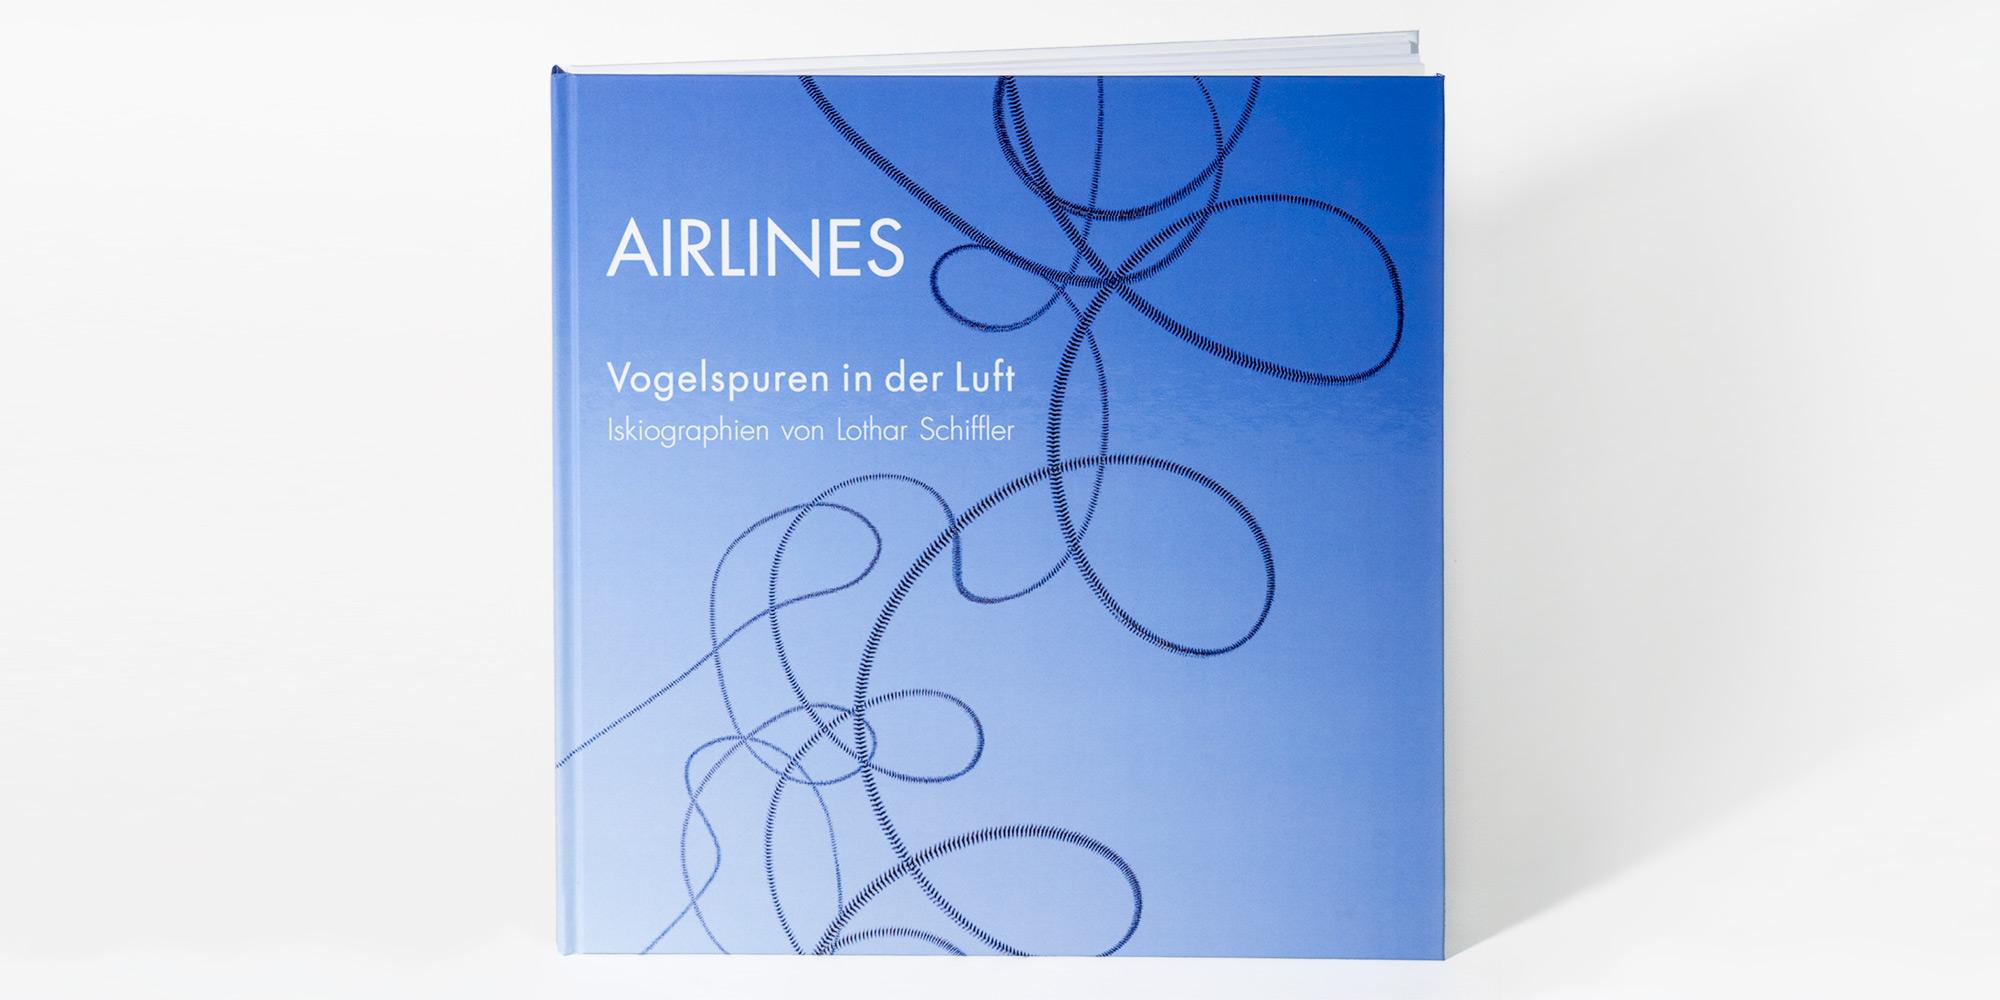 """Katalog """"AIRLINES · Vogelspuren in der Luft"""" · 2., erweiterte Auflage · Titel"""